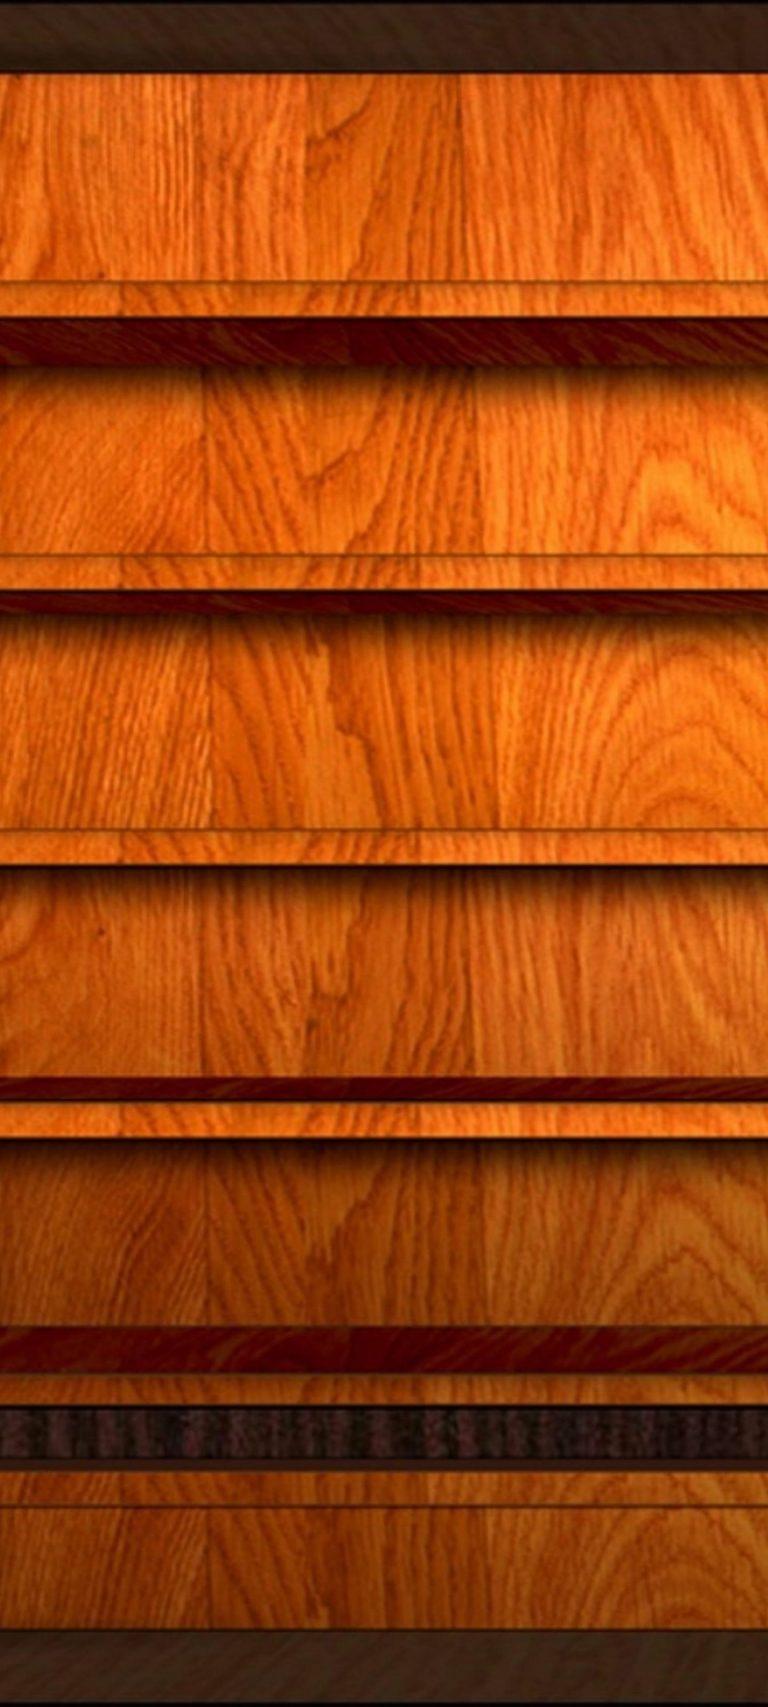 1440x3200 HD Wallpaper 129 768x1707 - 1440x3200 HD Wallpaper - 129